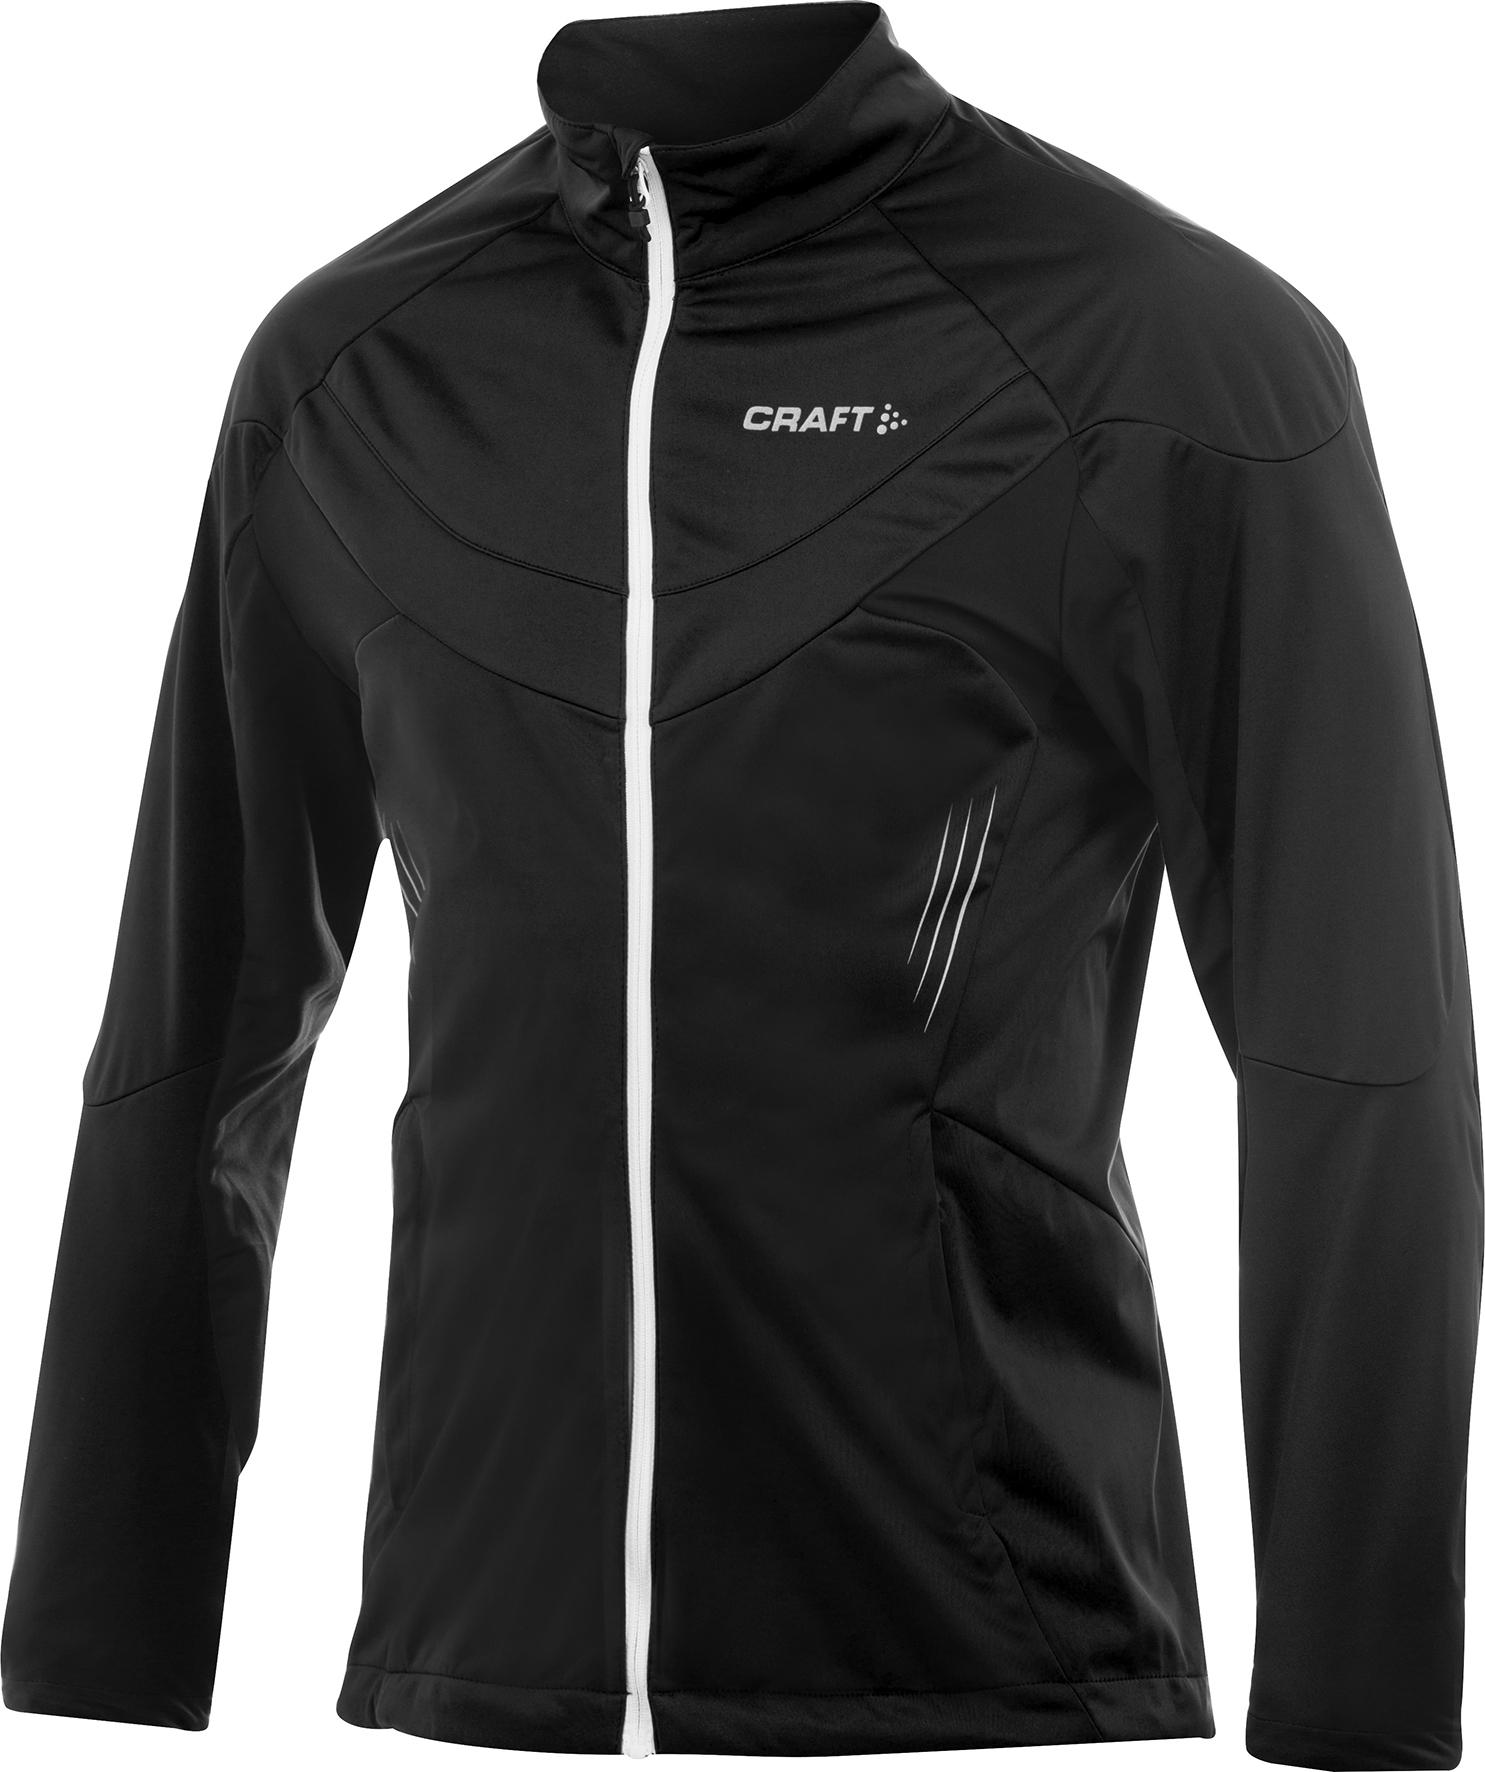 Мужская лыжная куртка Craft PXC High Performance Black (1901716-9900)